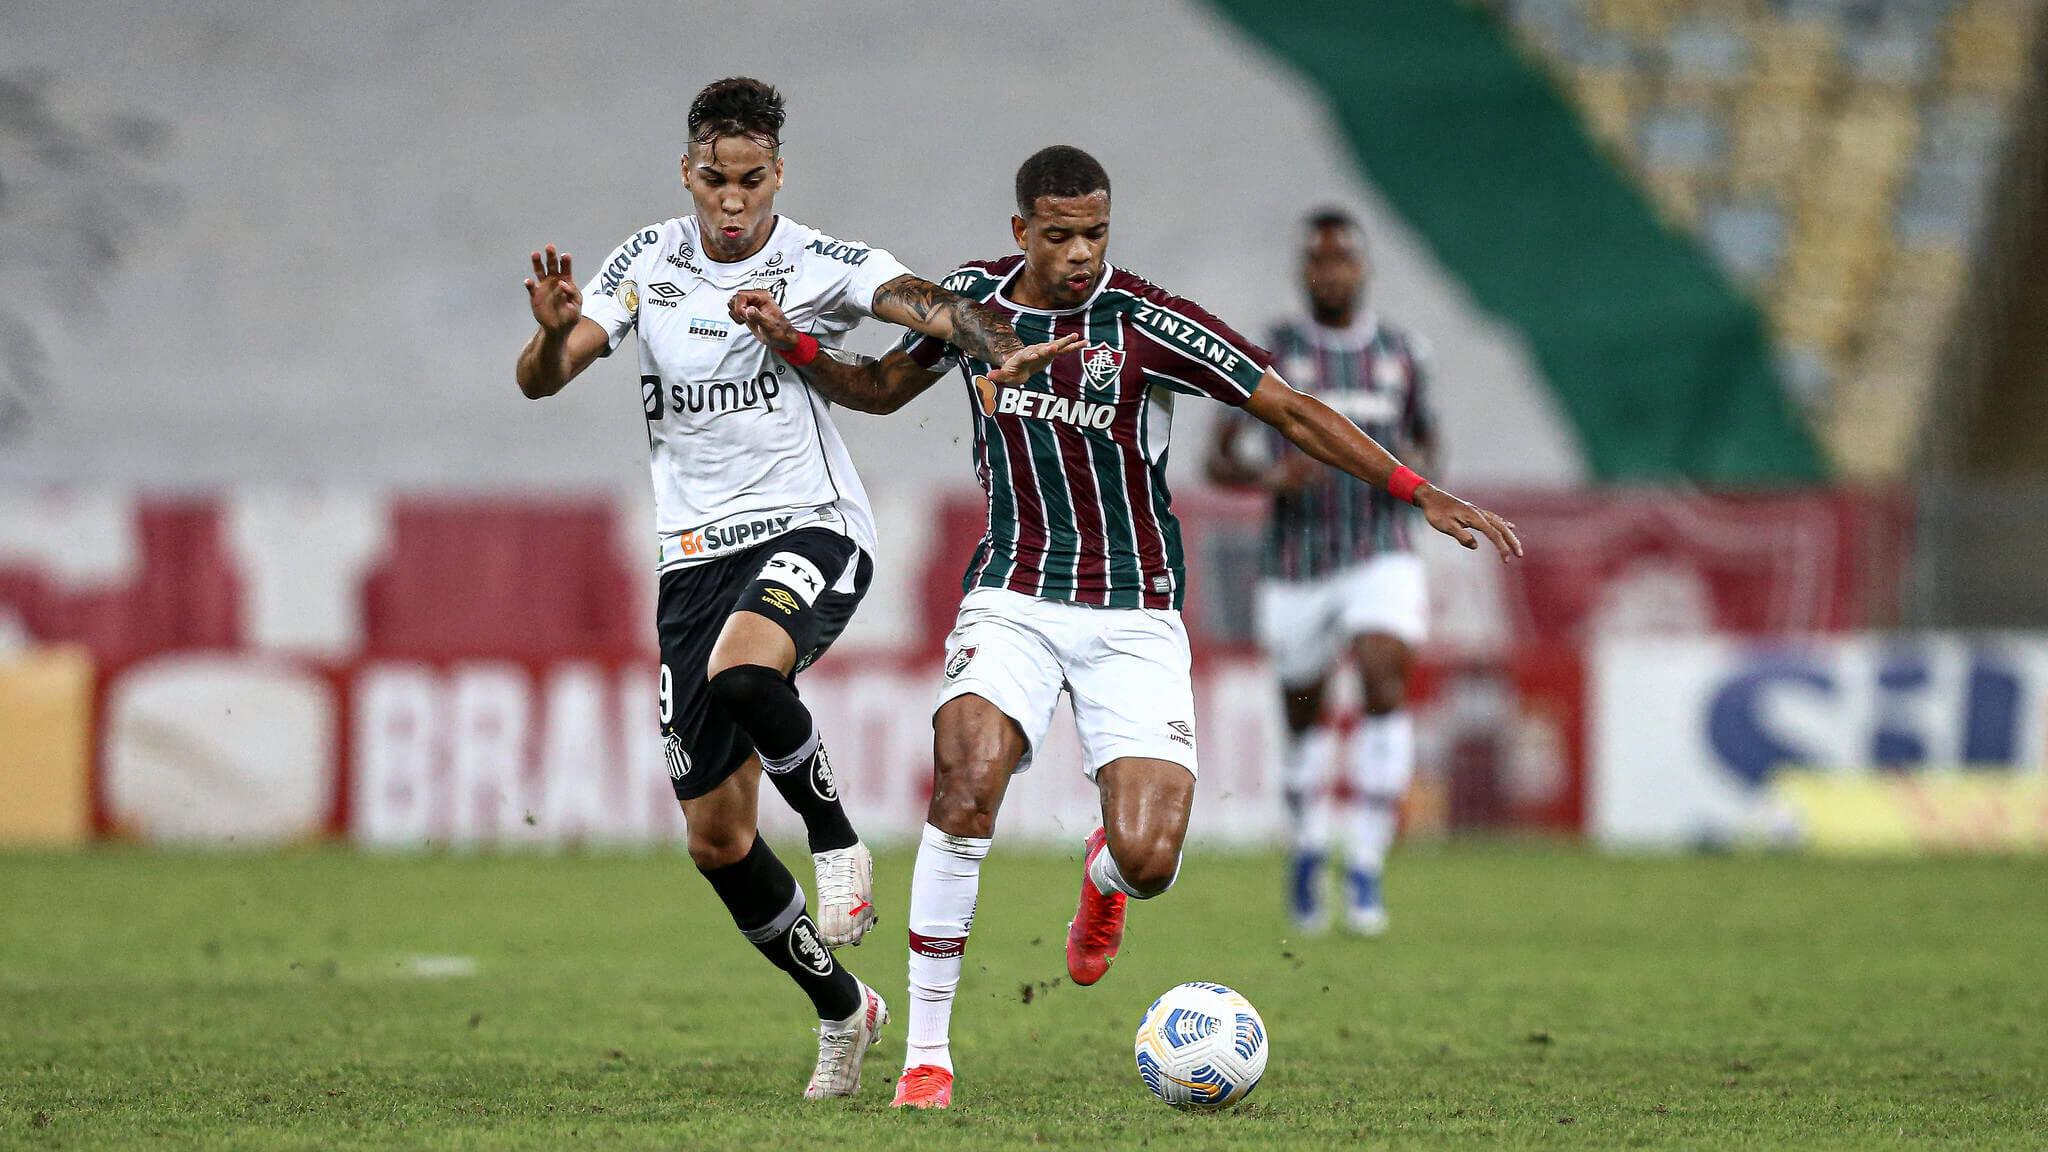 Foto: LUCAS MERÇON / FLUMINENSE F.C.